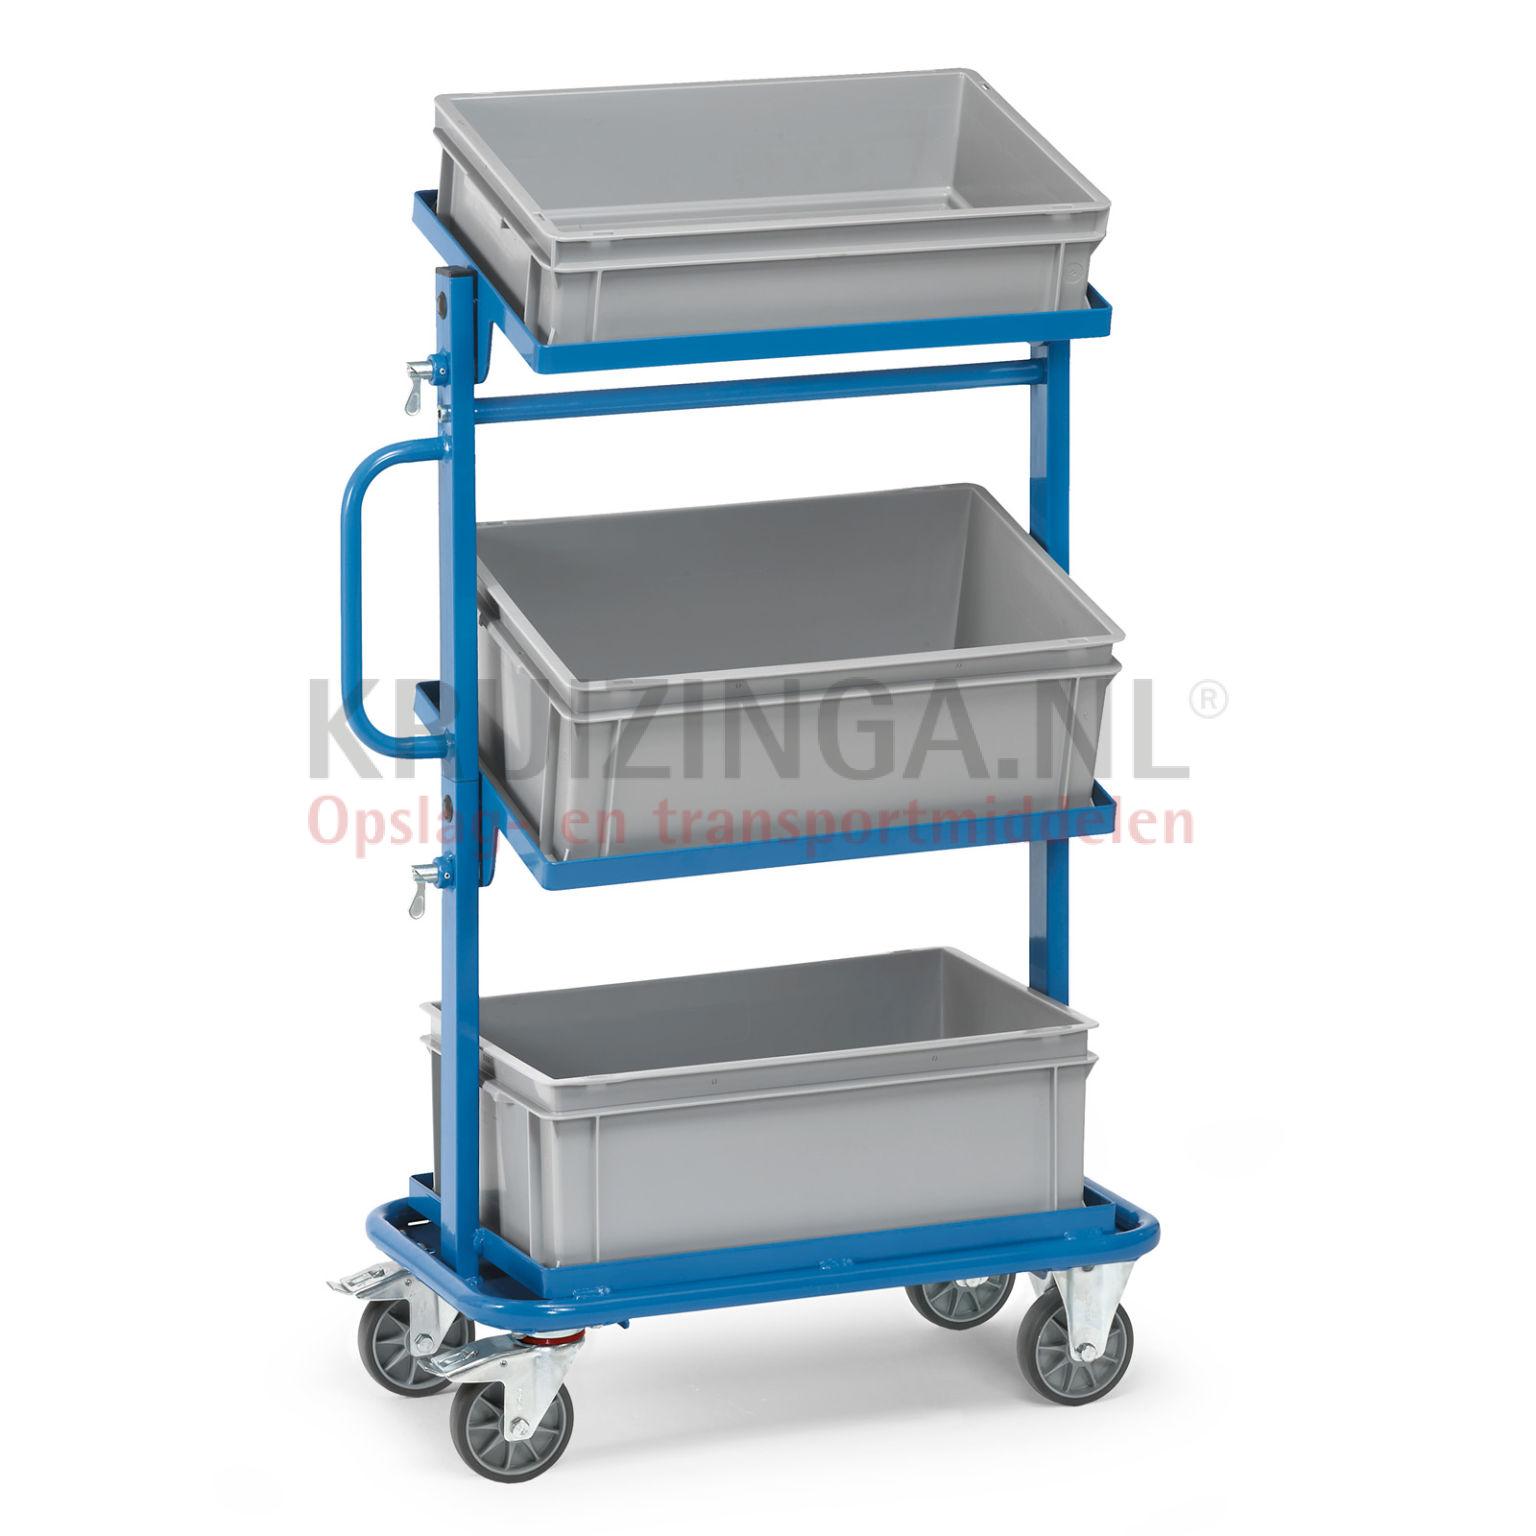 beistellwagen rollwagen beistellwagen inkl 3 kunststoffbeh lter 277 50 frei haus. Black Bedroom Furniture Sets. Home Design Ideas